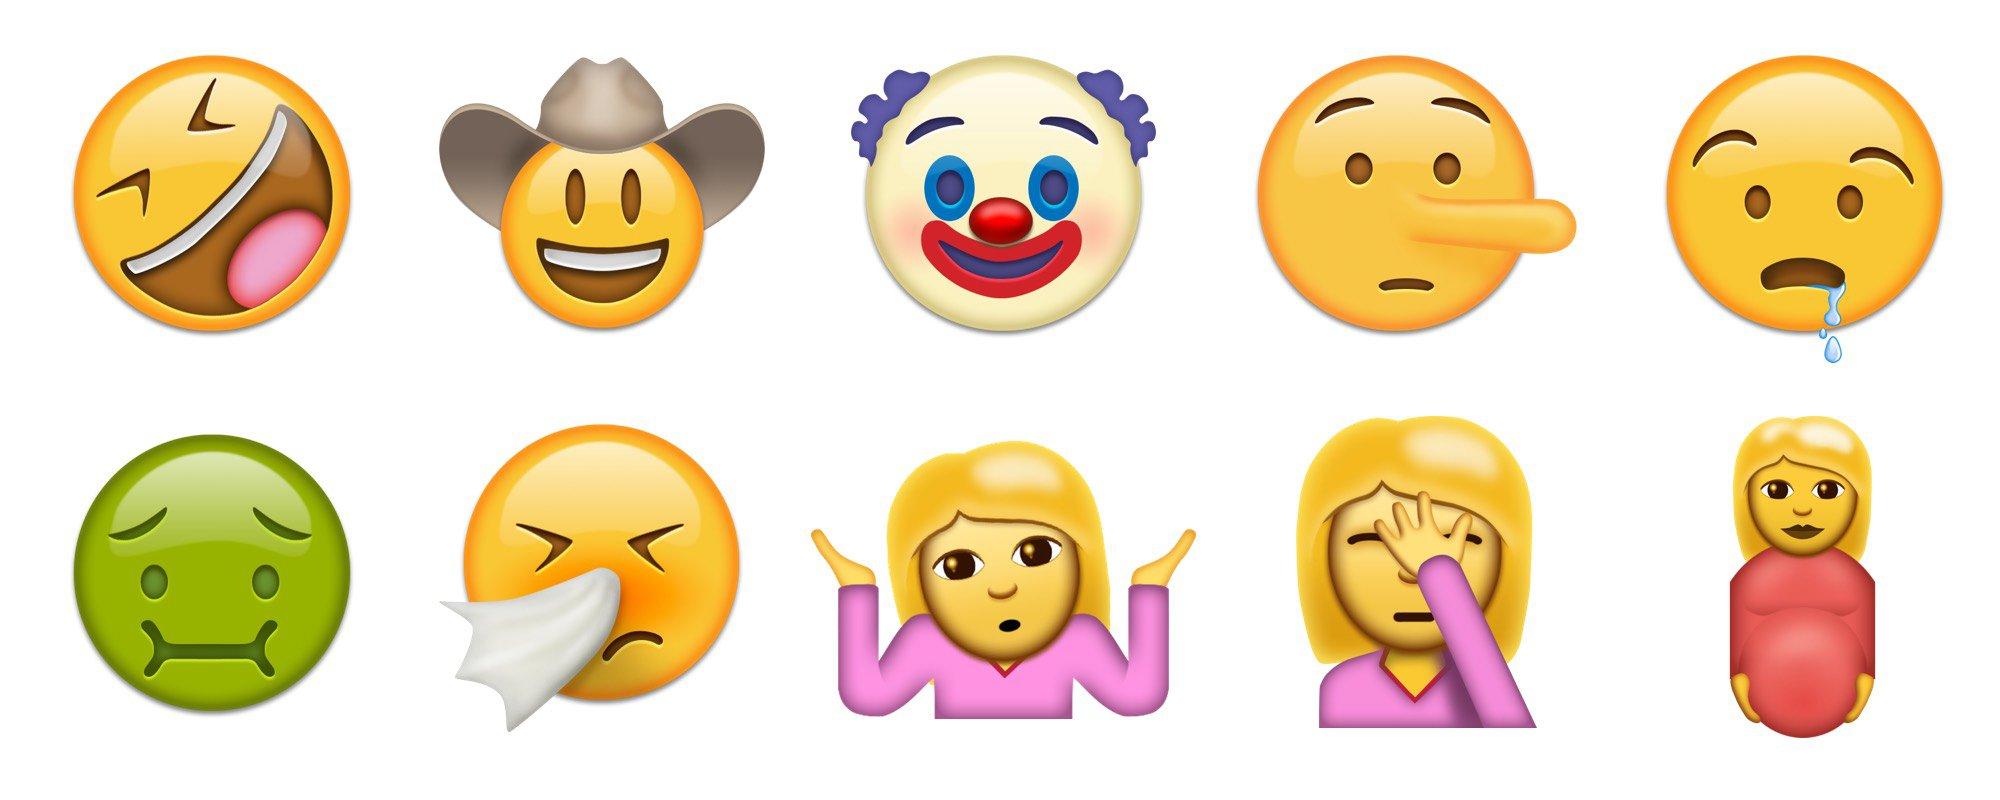 Novos Emojis que poderão chegar ao iOS 10